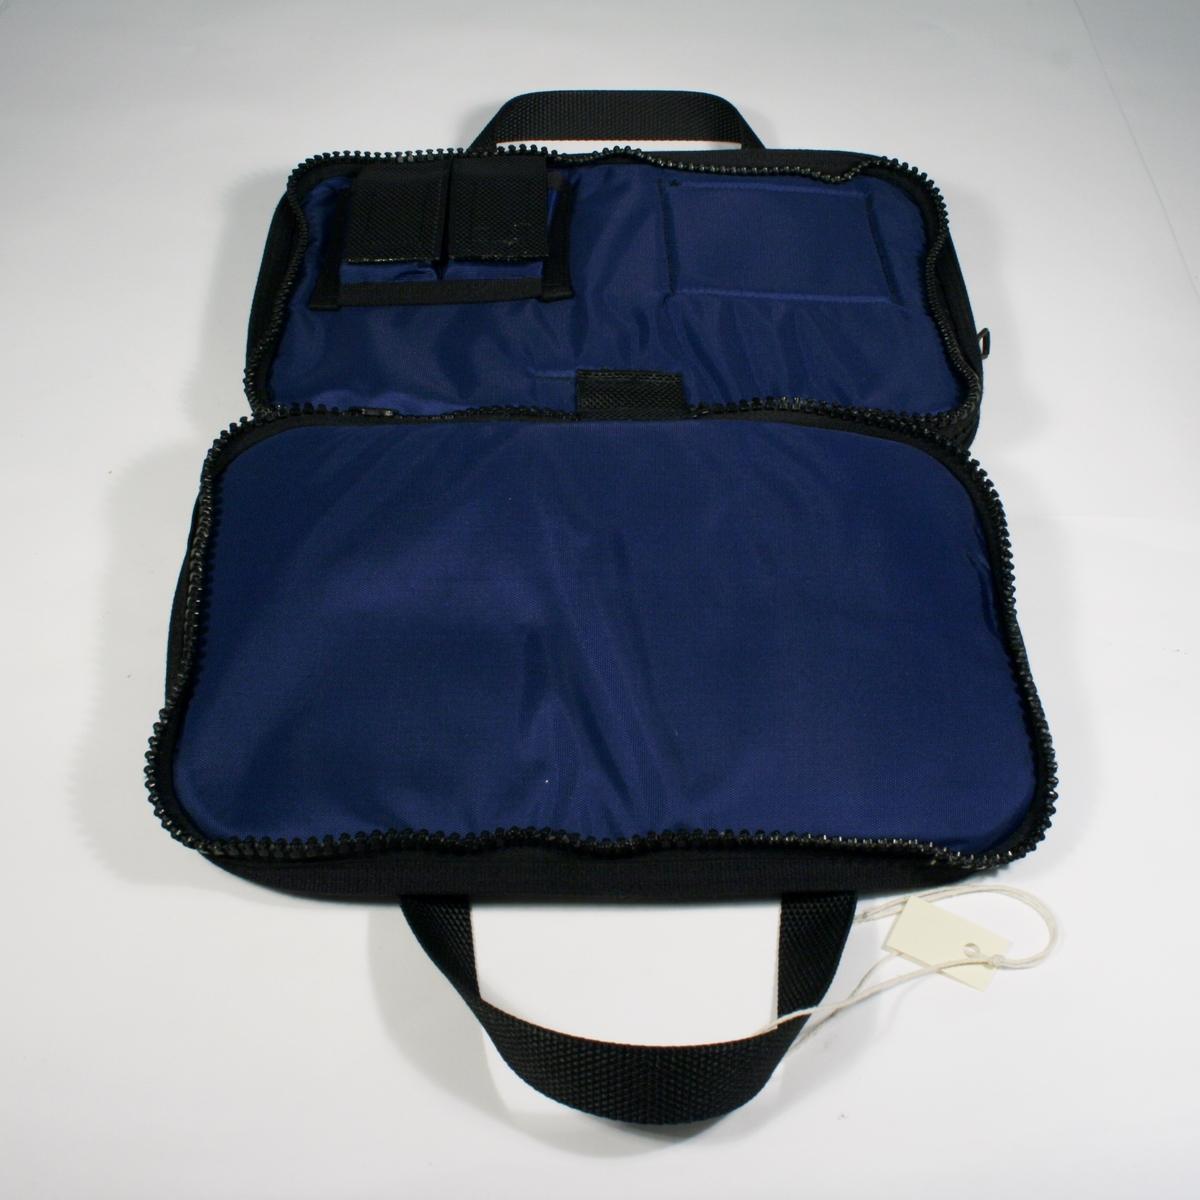 Blå rektangulær bag med sorte detaljer til oppbevaring av skrivesaker, forelegg etc. To lommer lukkes med glidelås og håndtak.